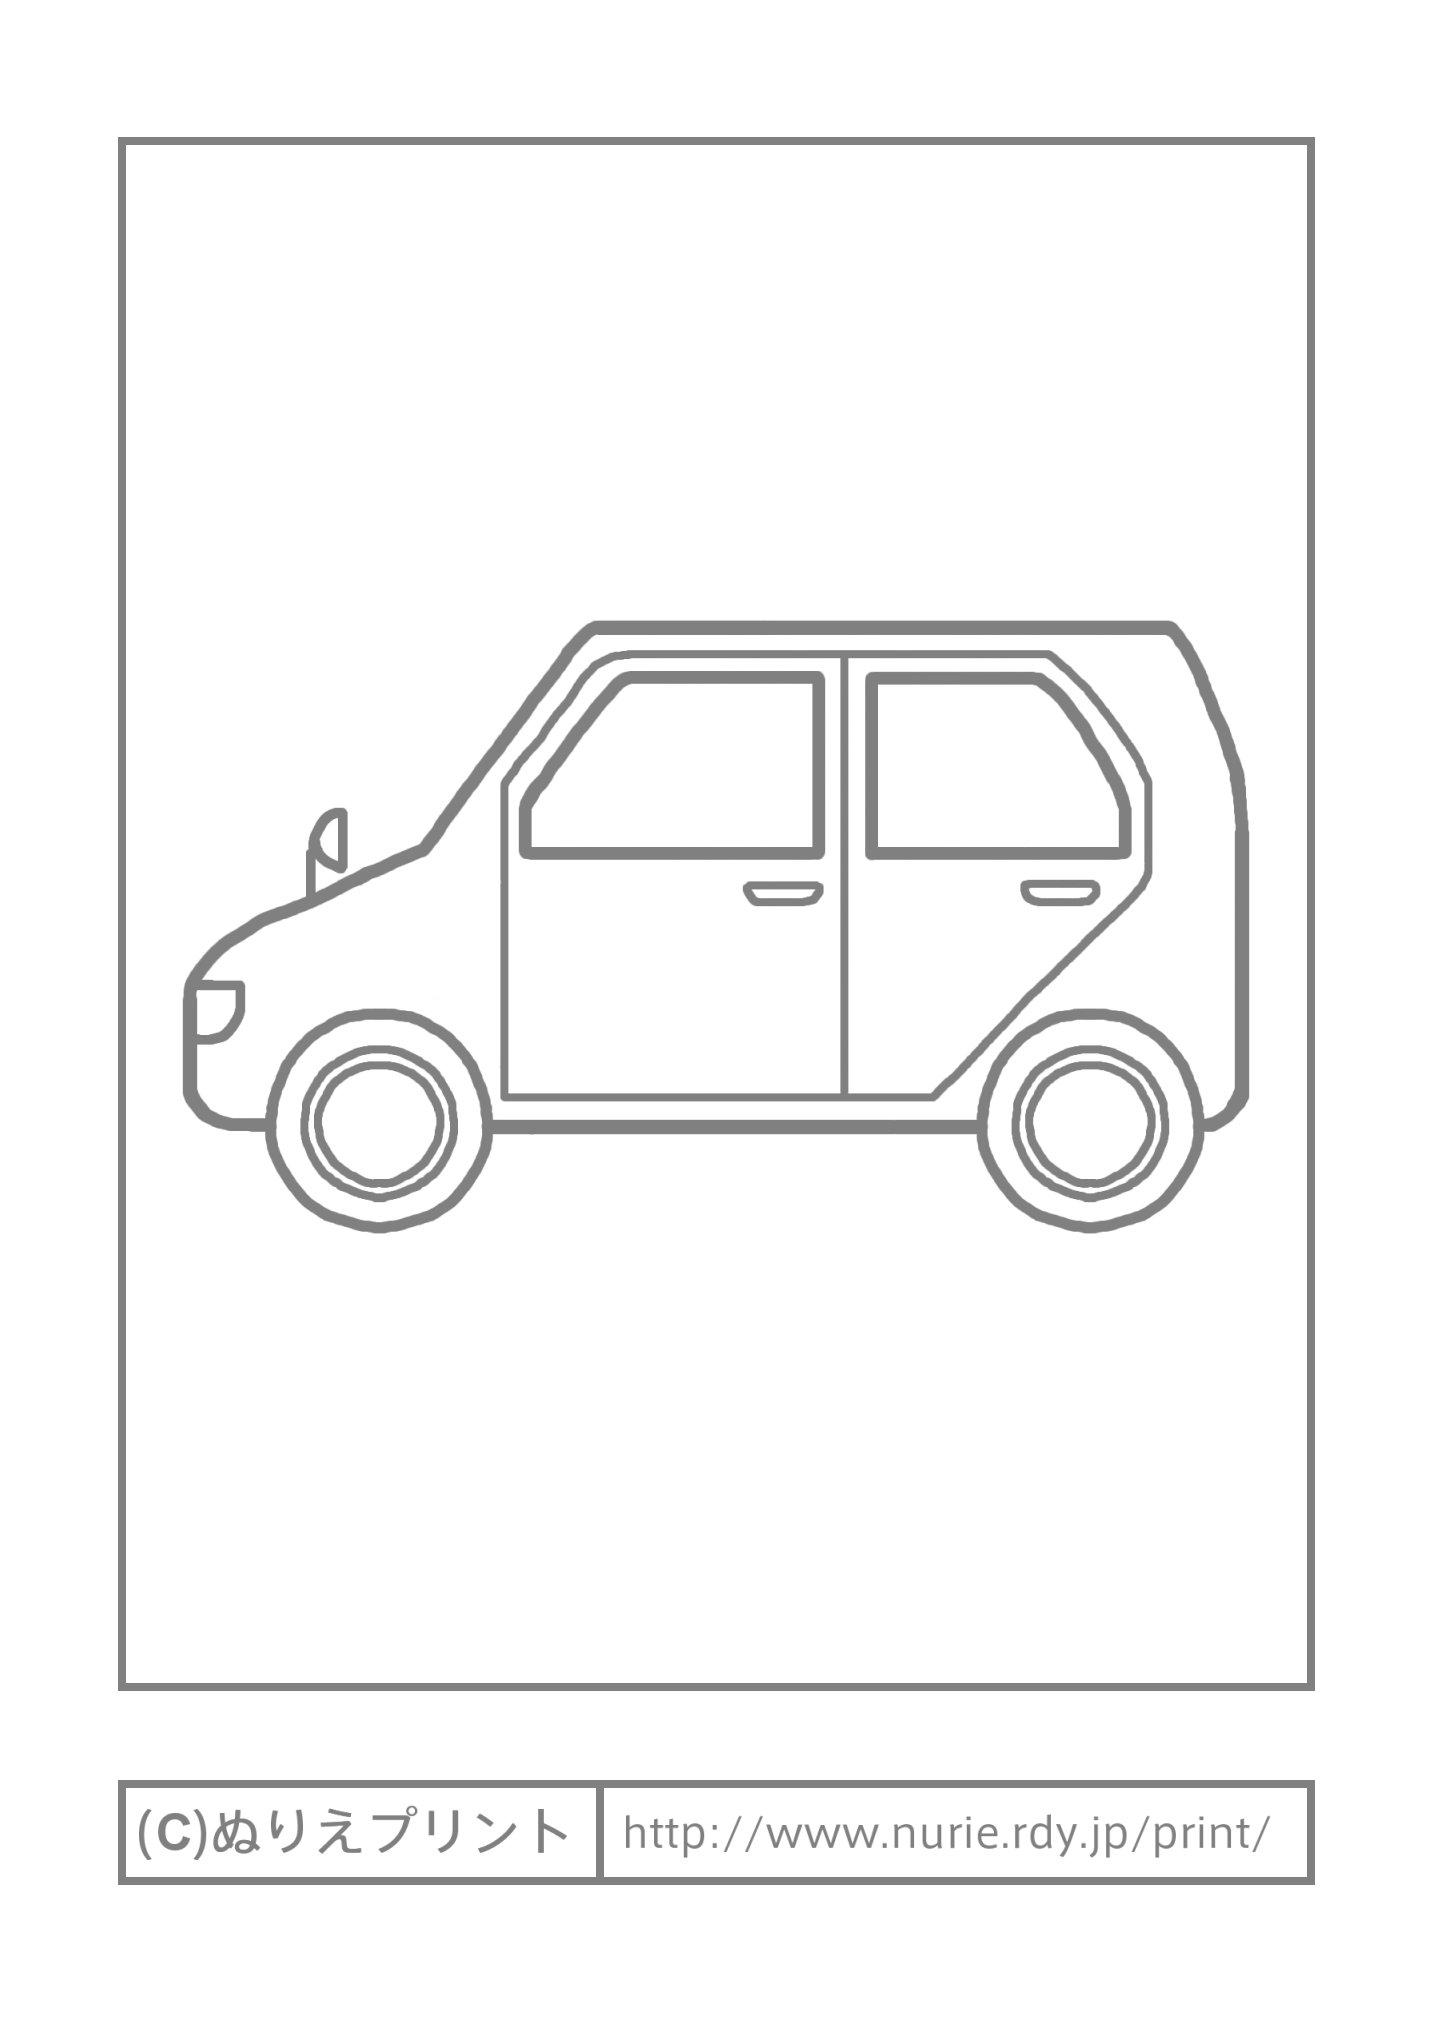 ... 車/乗り物/こどものぬりえ【ぬ : ぬりえ 車 : すべての講義